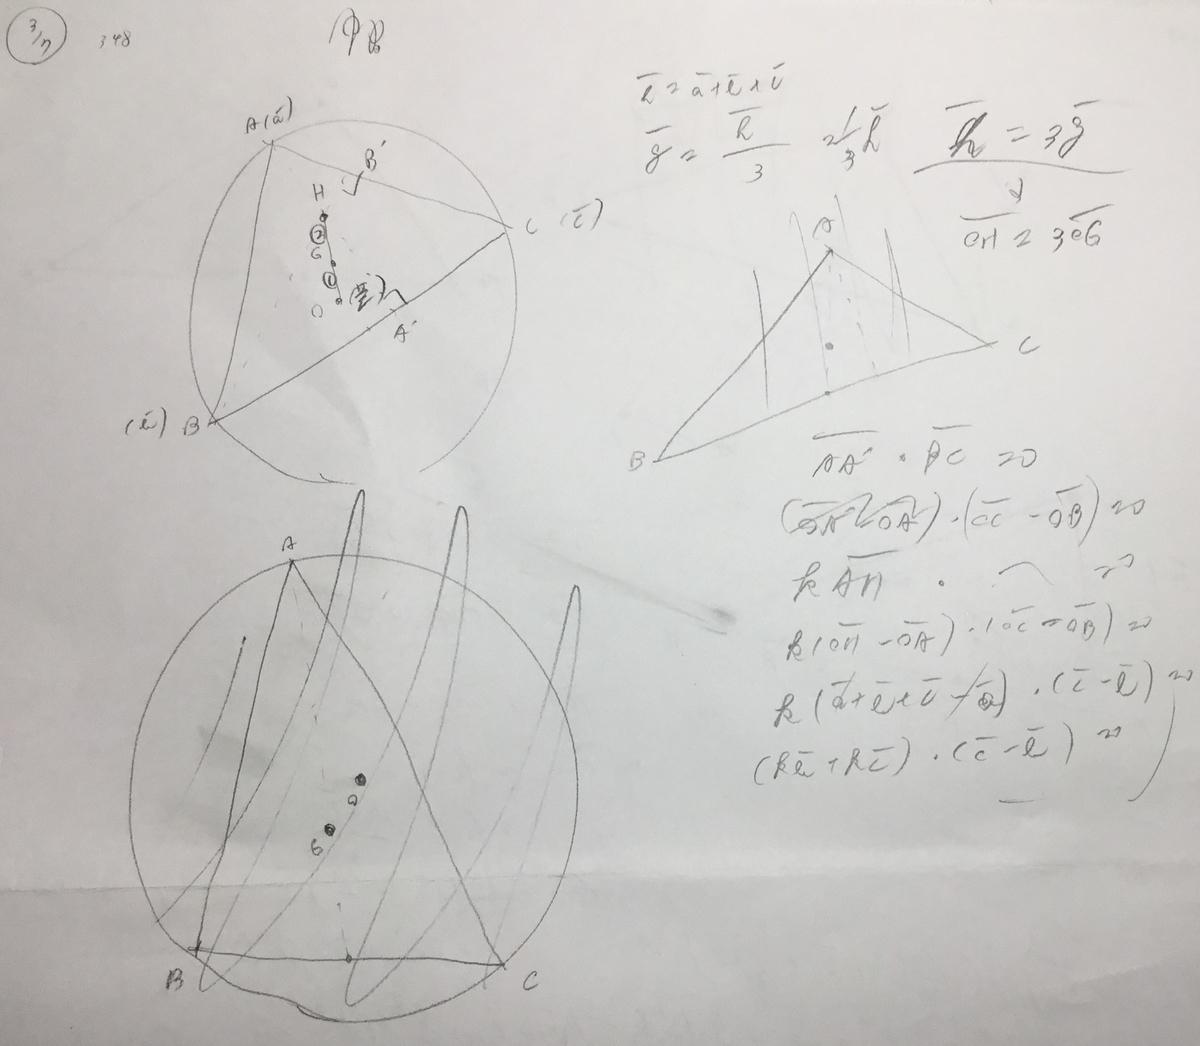 f:id:manaveemath:20200307234844j:plain